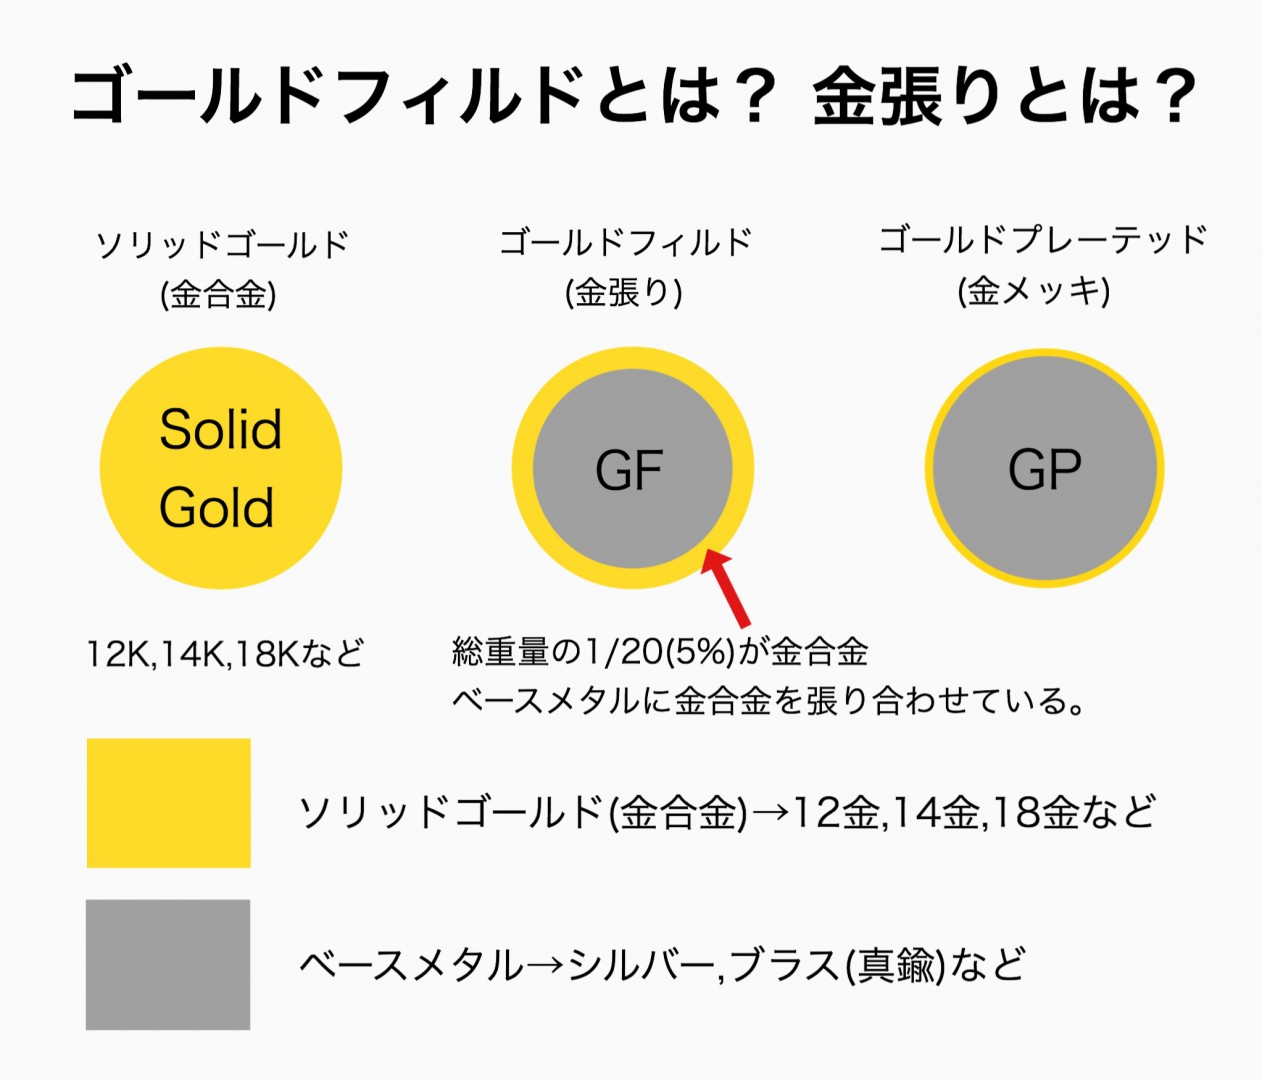 ゴールドフィルド(金張り)とは? 特徴・品質・製造方法について